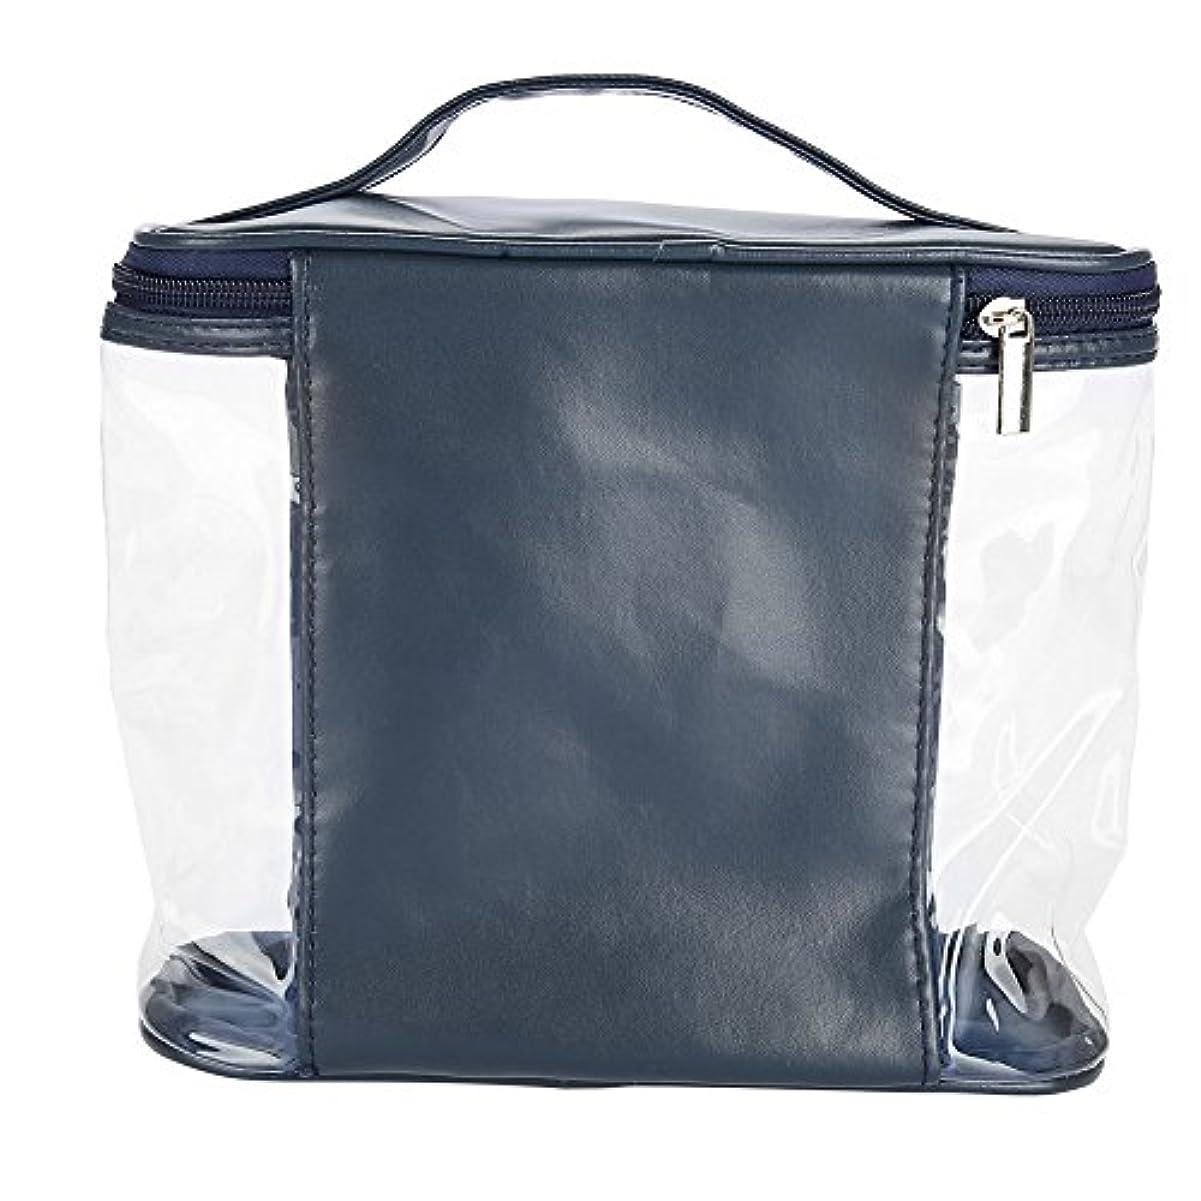 悪性シールペネロペ化粧ポーチ 収納 透明バッグ トイレタリーバッグ バスルームポーチ コスメ収納 透明バッグ 洗顔 旅行 出張用 防水 大容量